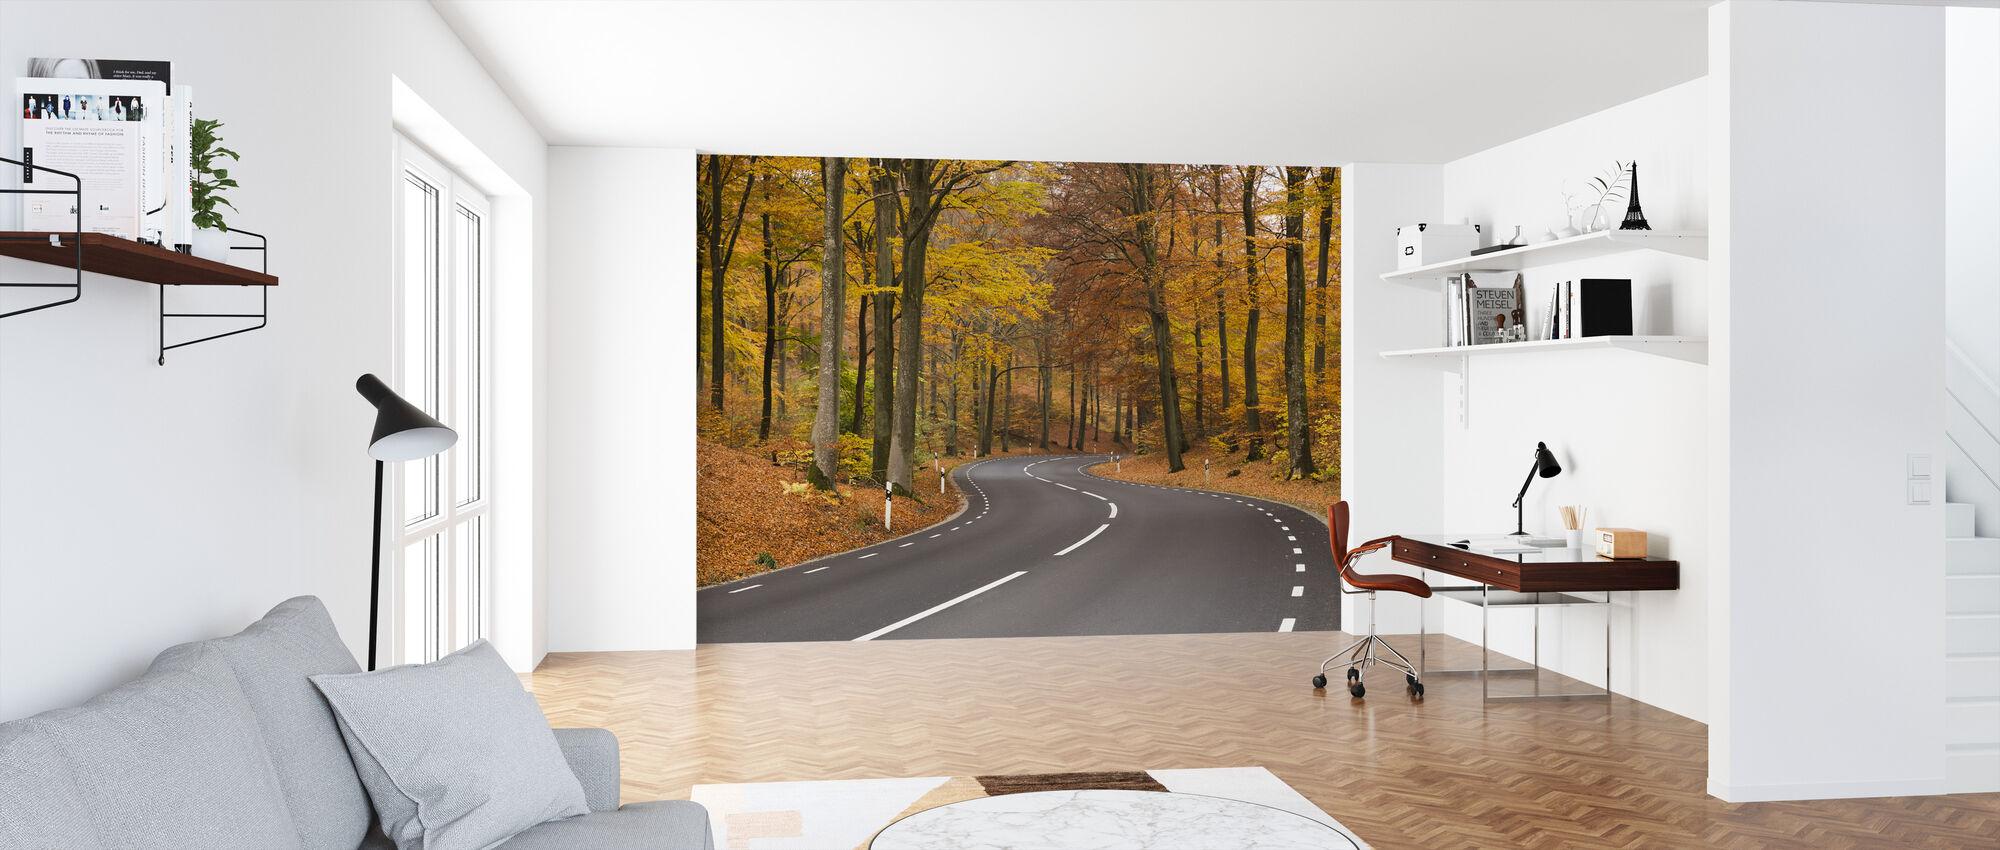 Beech tree Close up - Wallpaper - Office